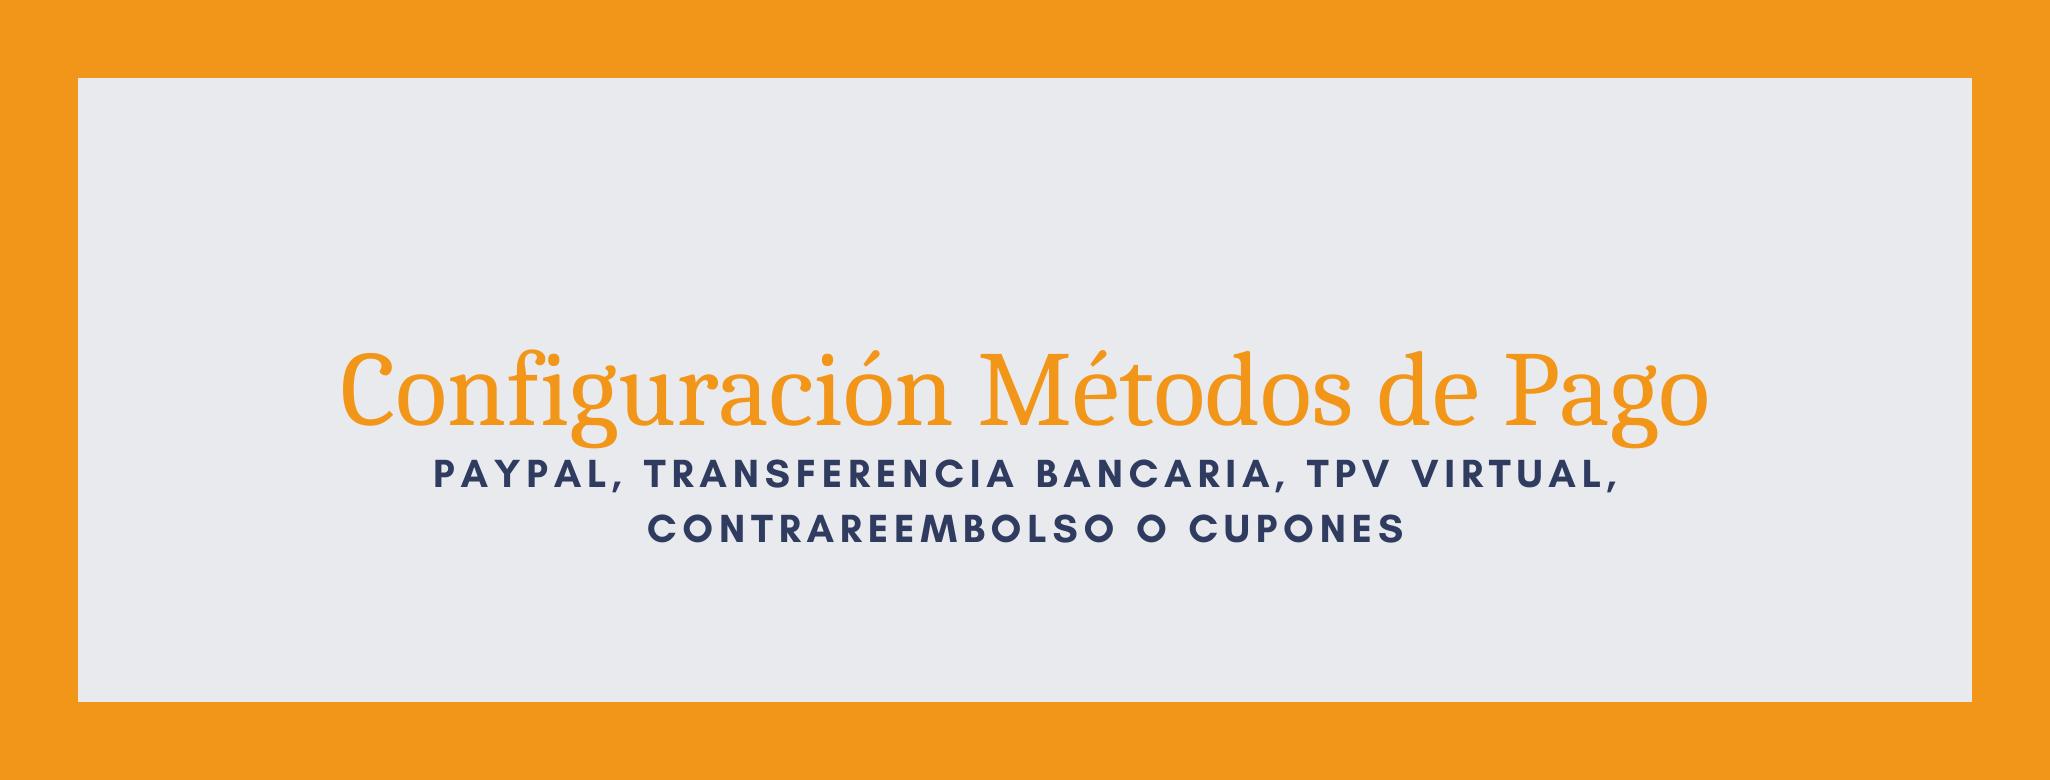 Configuración de los diferentes métodos de pago.